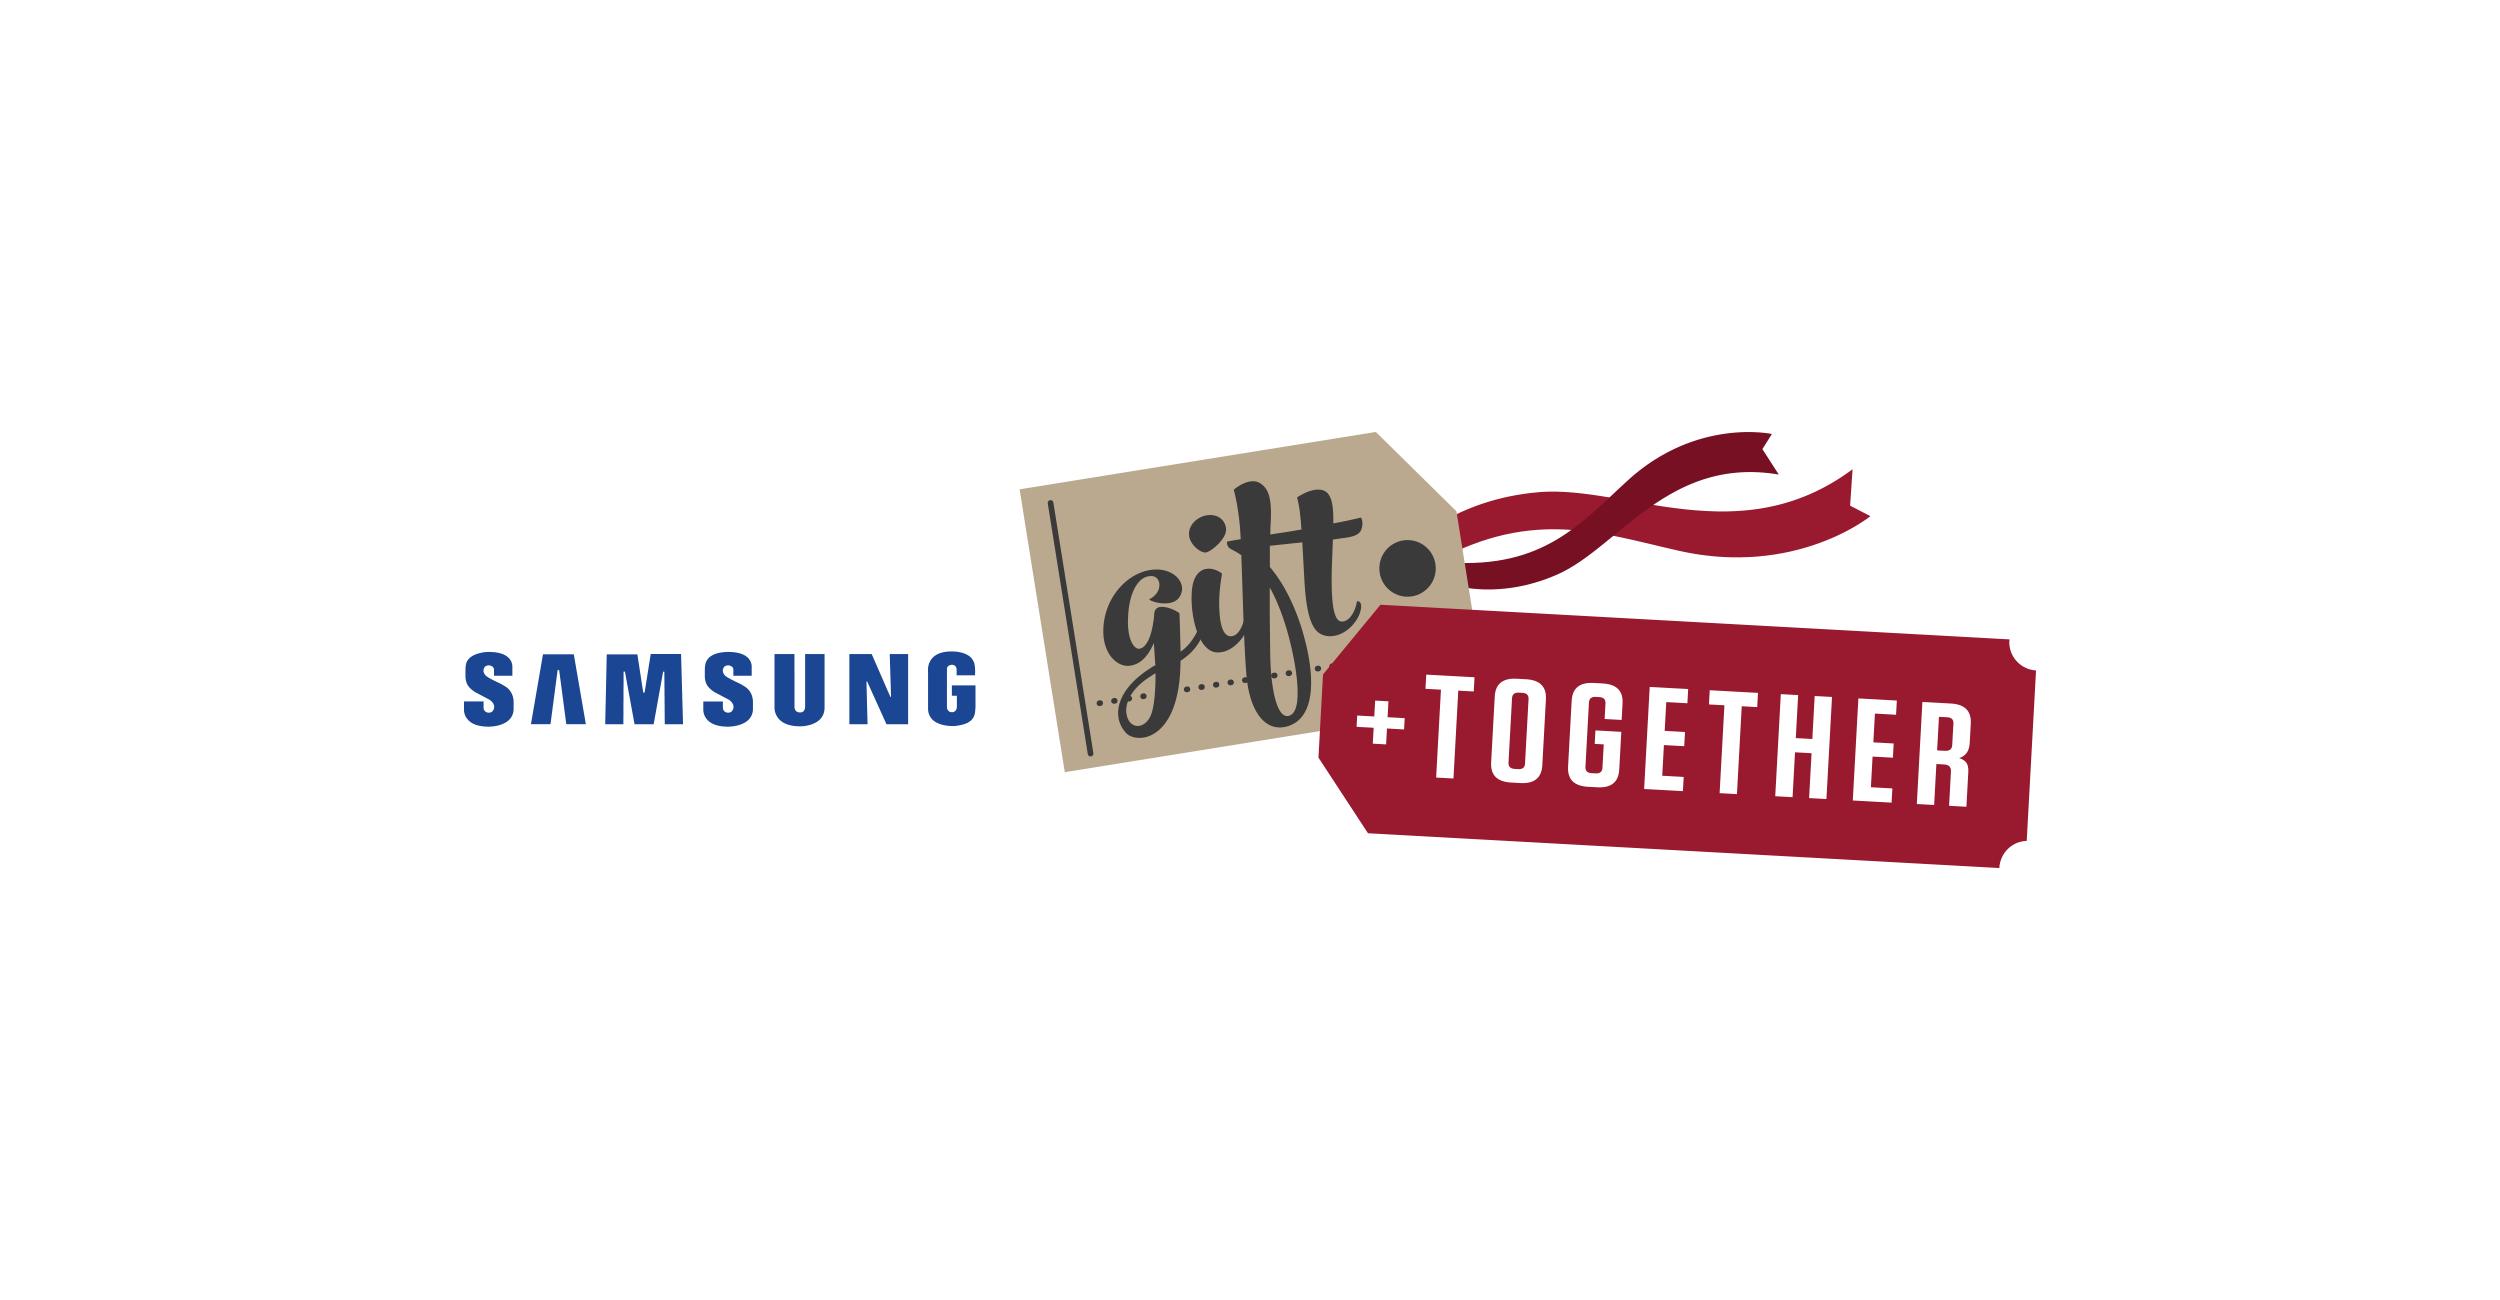 samsung_gifttogether_logo.png